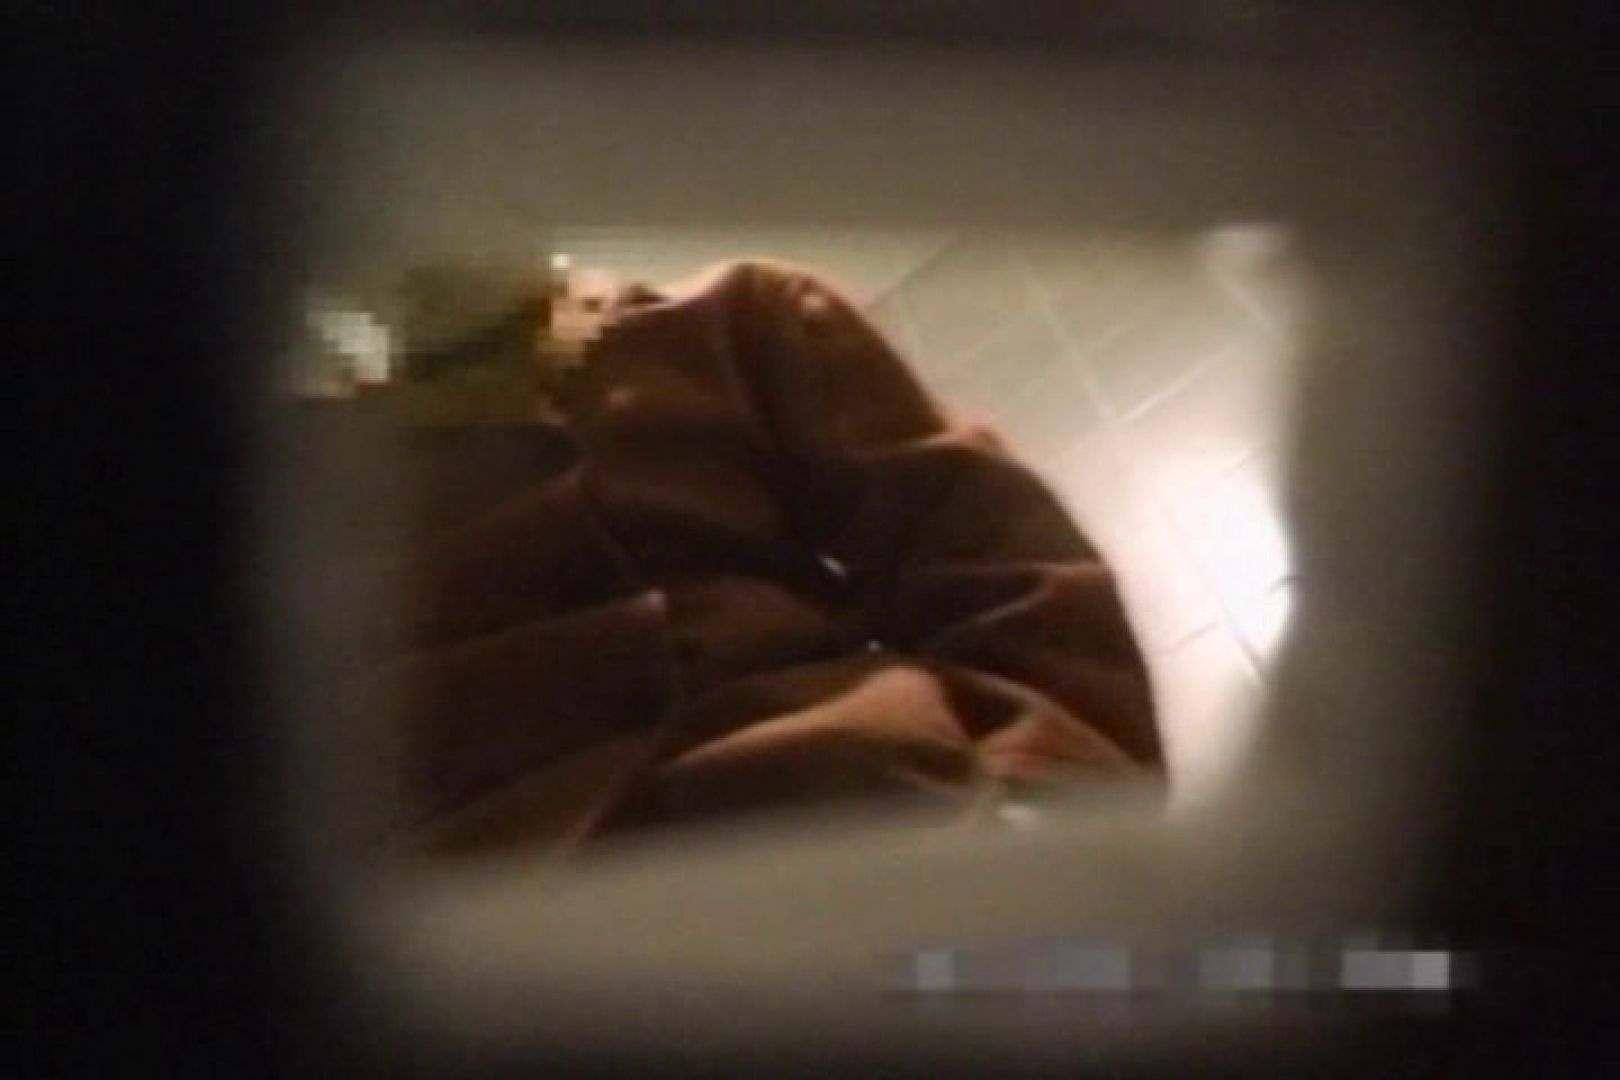 STY-013 実録!2カメde女子洗面所 名作 AV動画キャプチャ 113pic 24